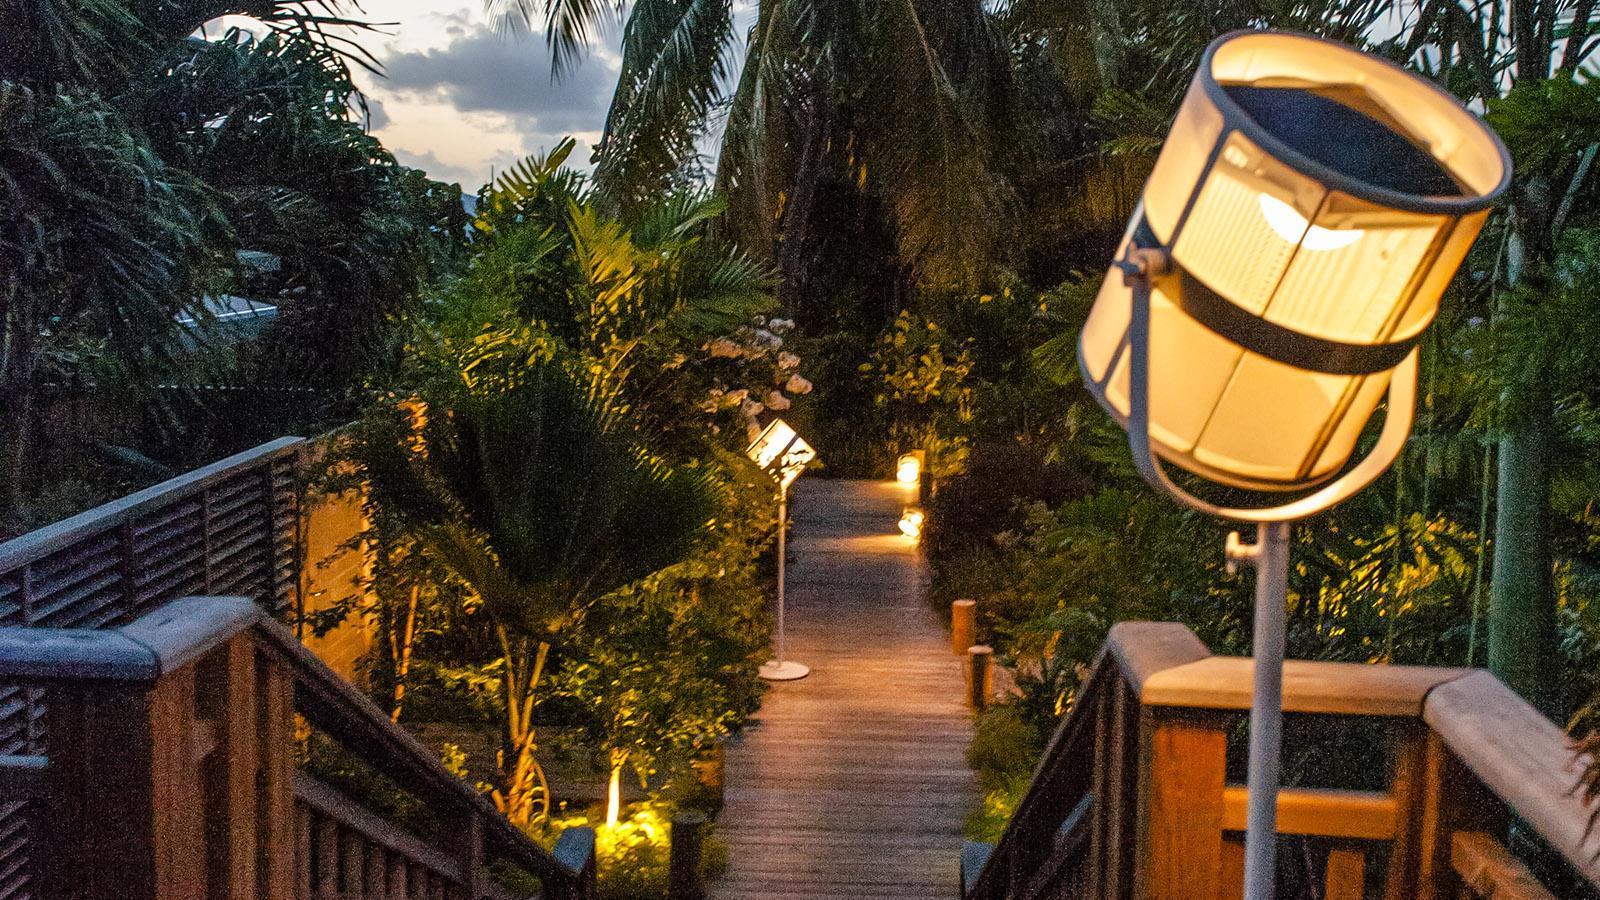 French Coco: Abends werden die Wege stimmungsvoll beleuchtet. Foto: Hilke Maunder